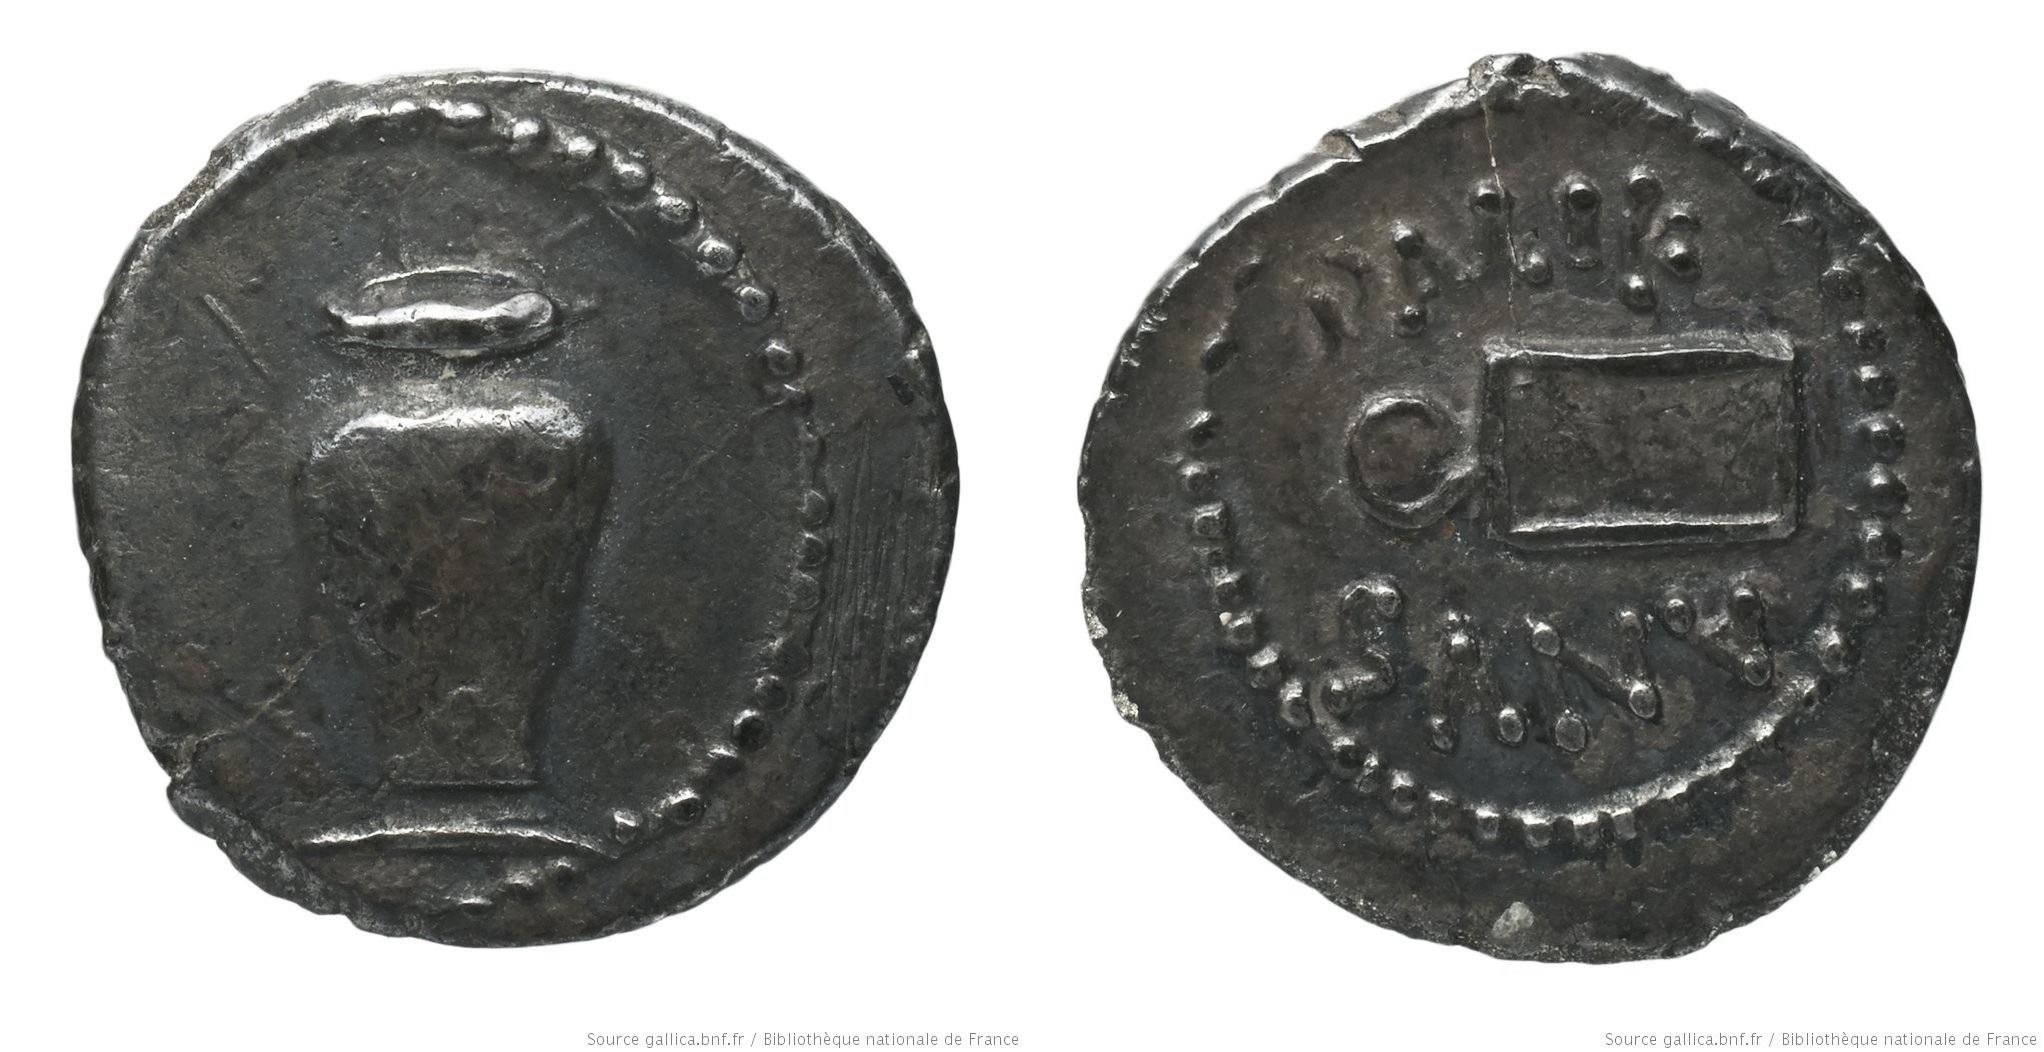 1506LO – Sesterce Lollia – Marcus Lollius Palicanus